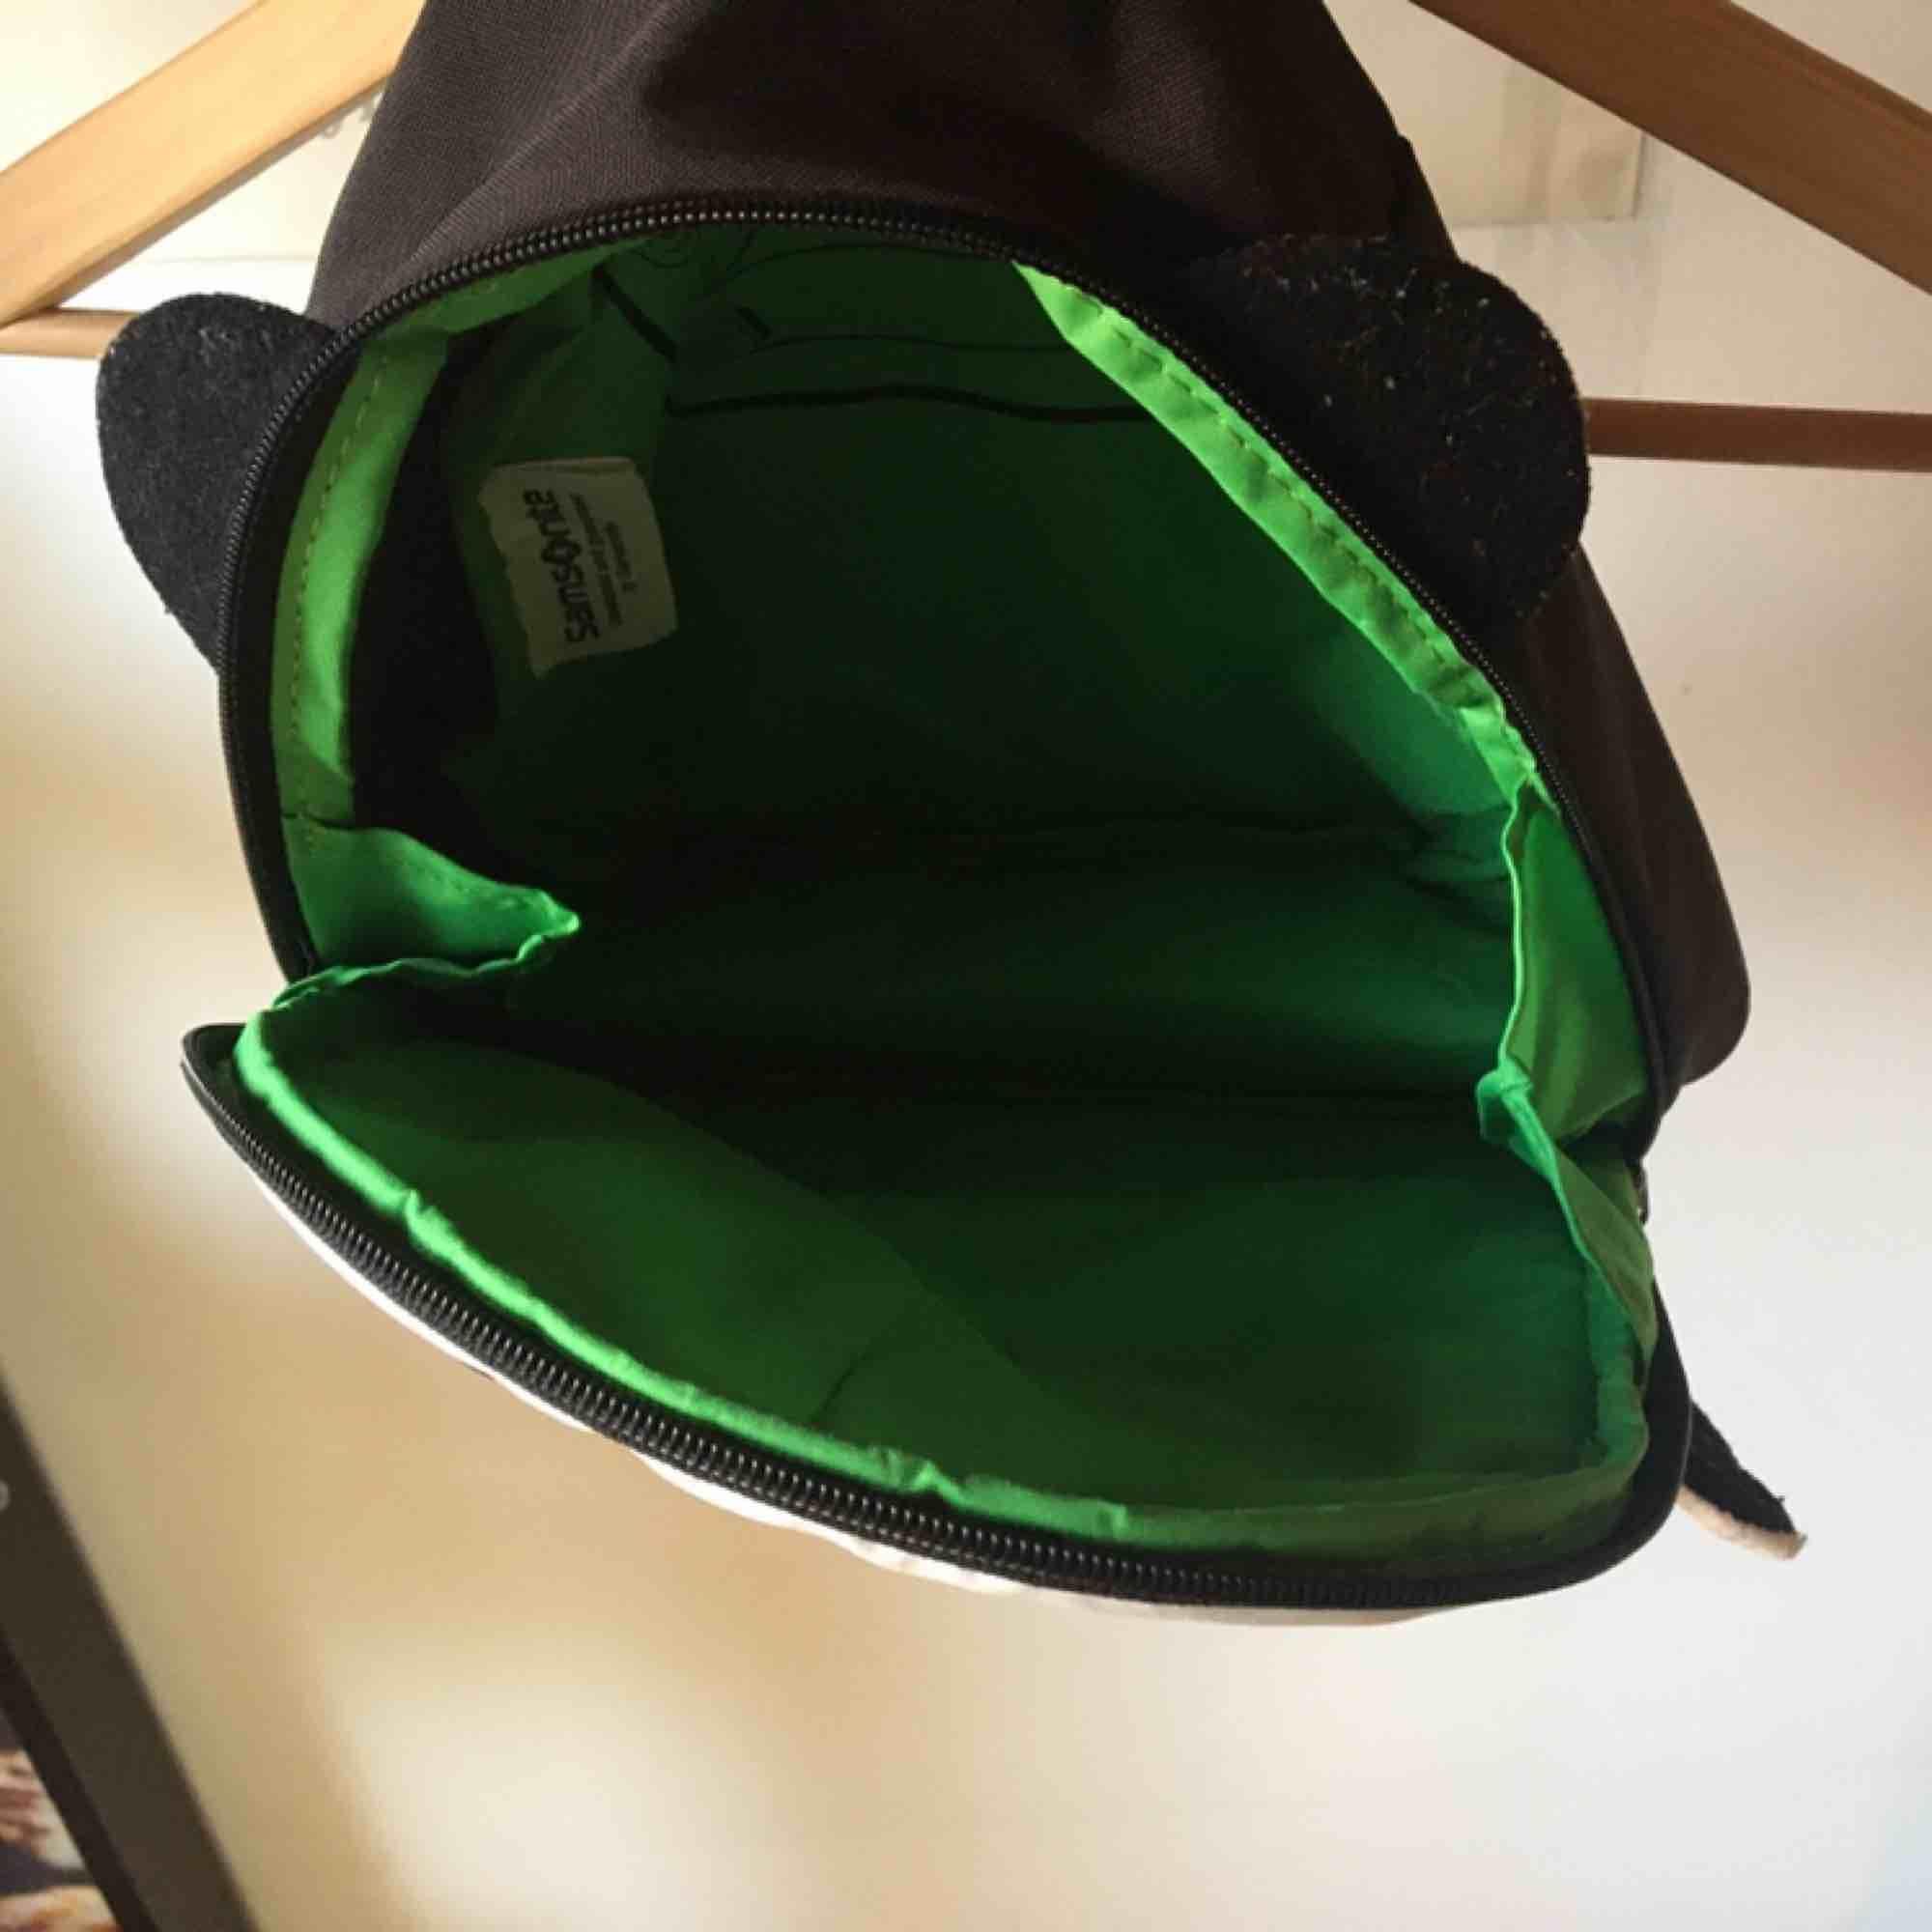 Söt pandaryggsäck med grönt foder på insidan. Nopprorna på örat tas bort med maskin innan försäljning såklart. Knappt använd och i fint skick. Vid frakt står köparen för kostnaden 🐼. Väskor.